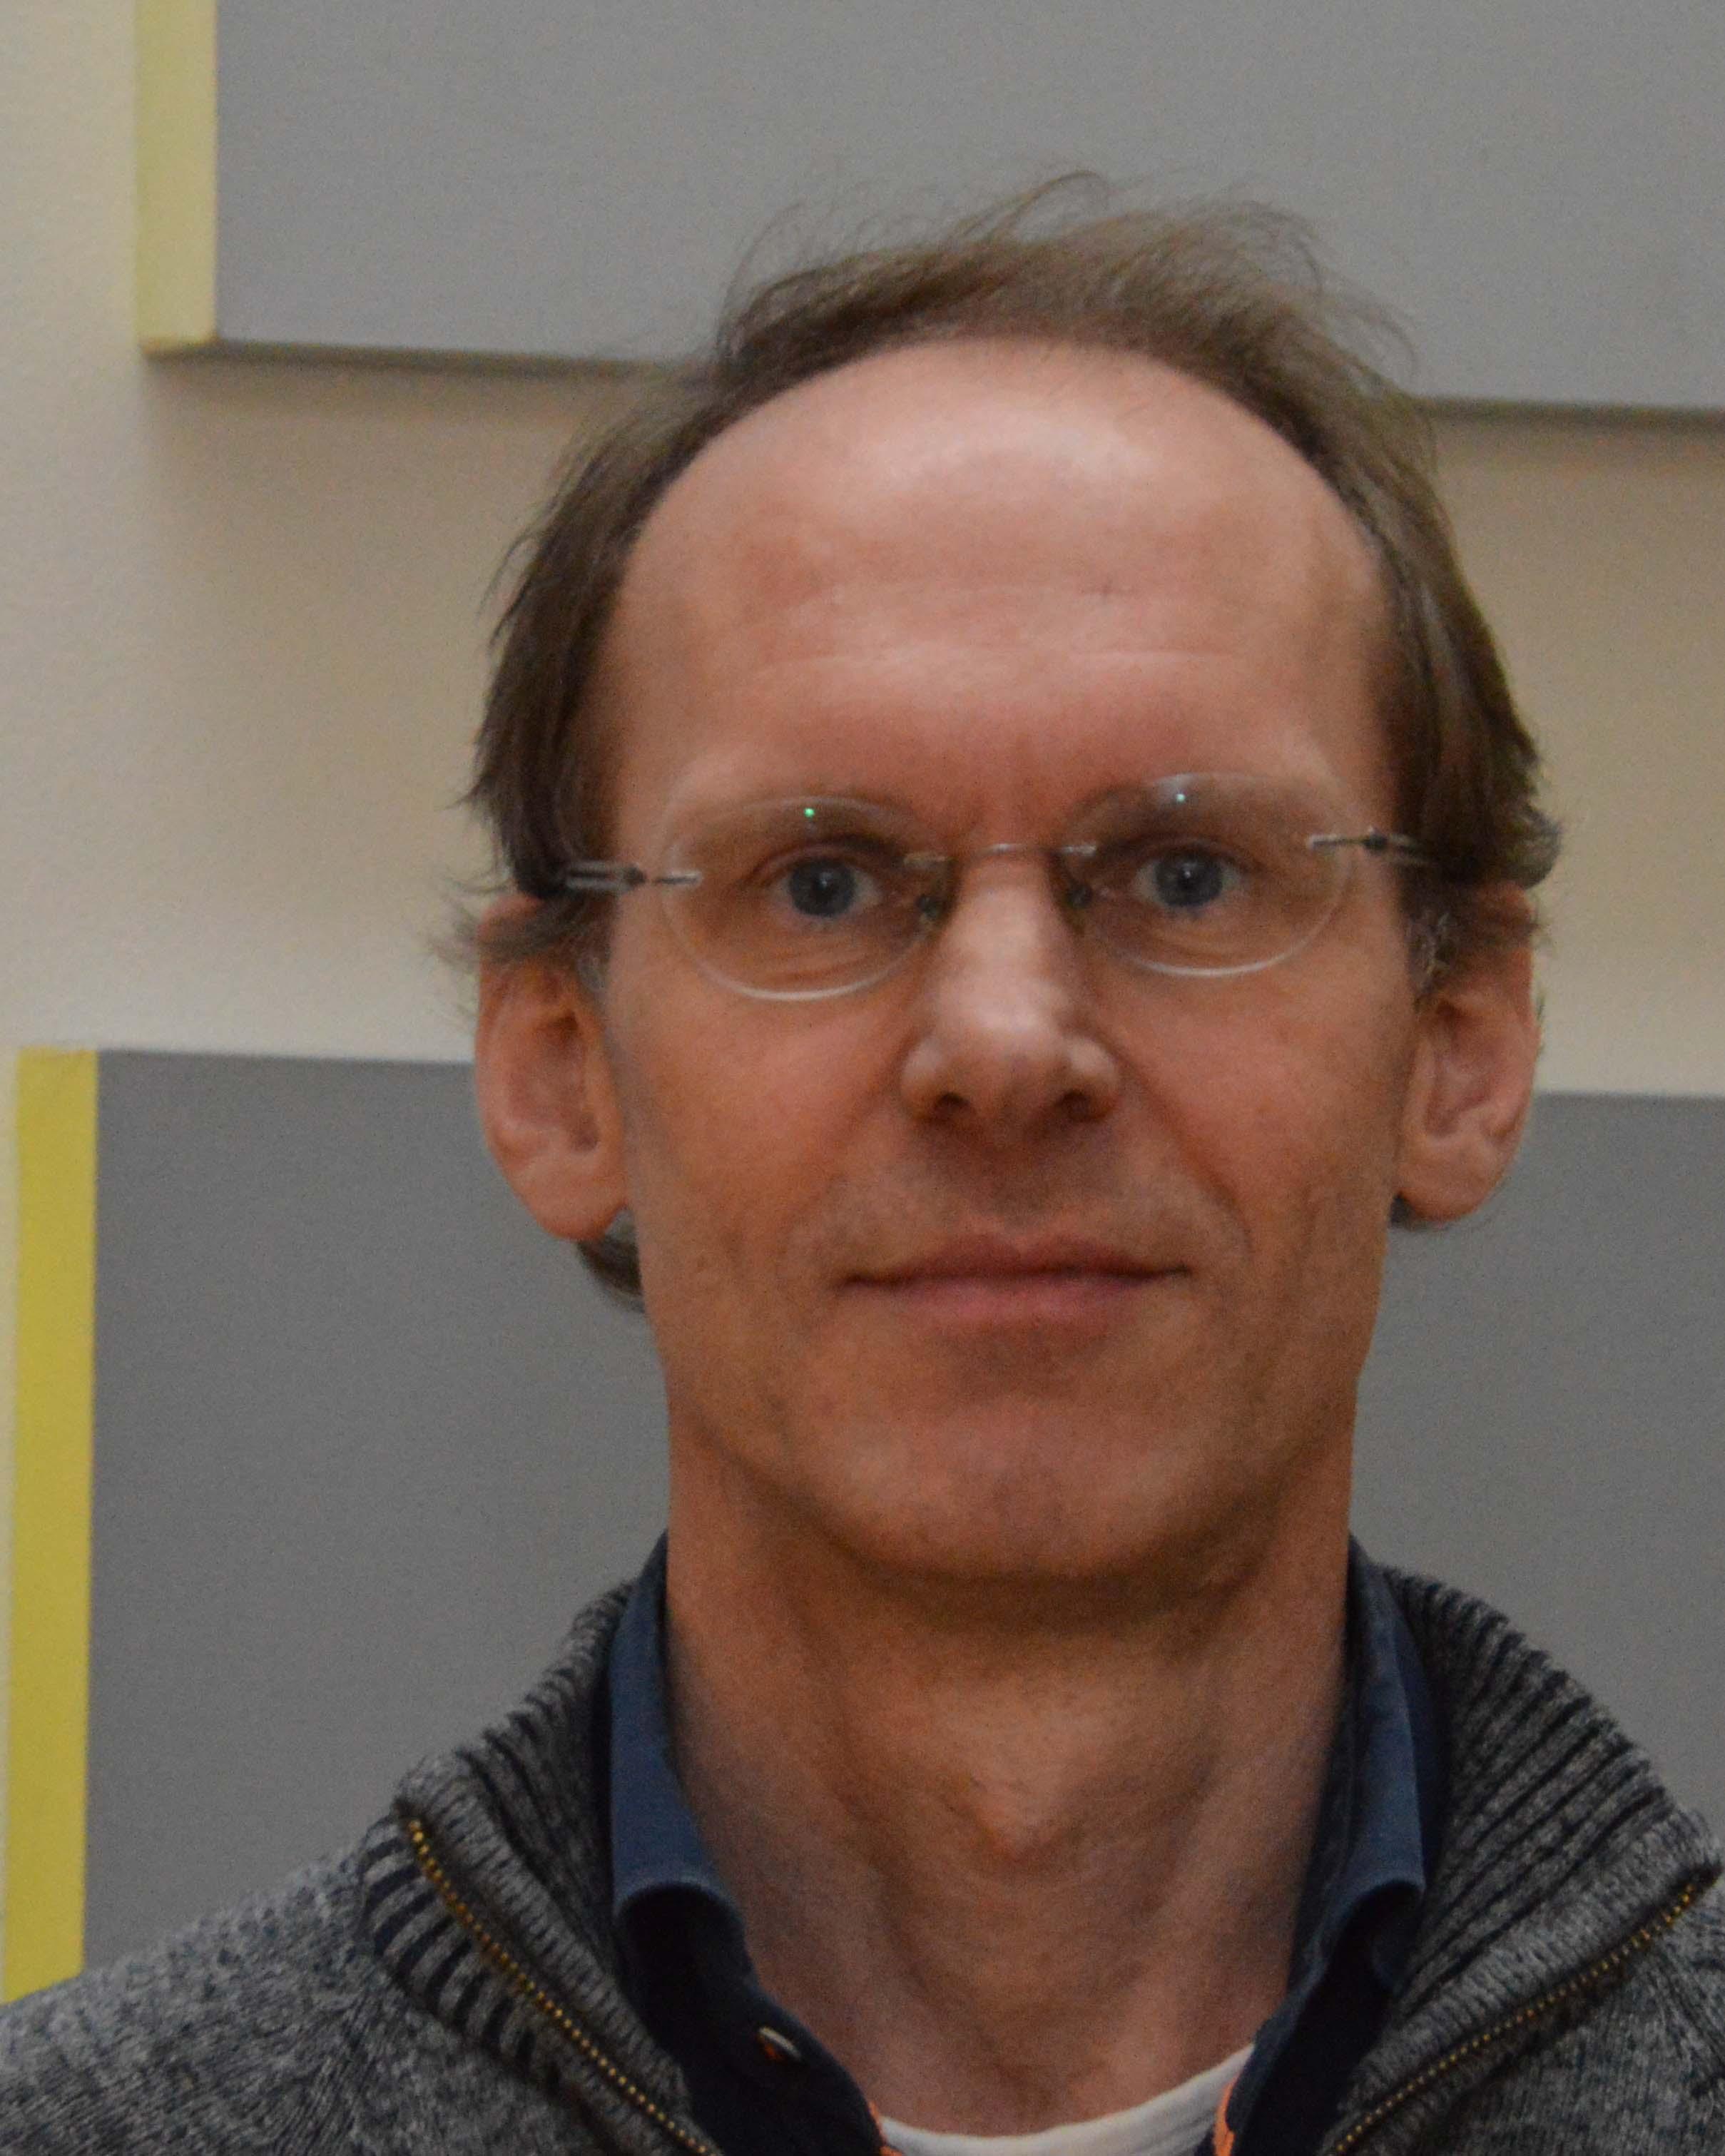 Researcher Adriaan Bedner